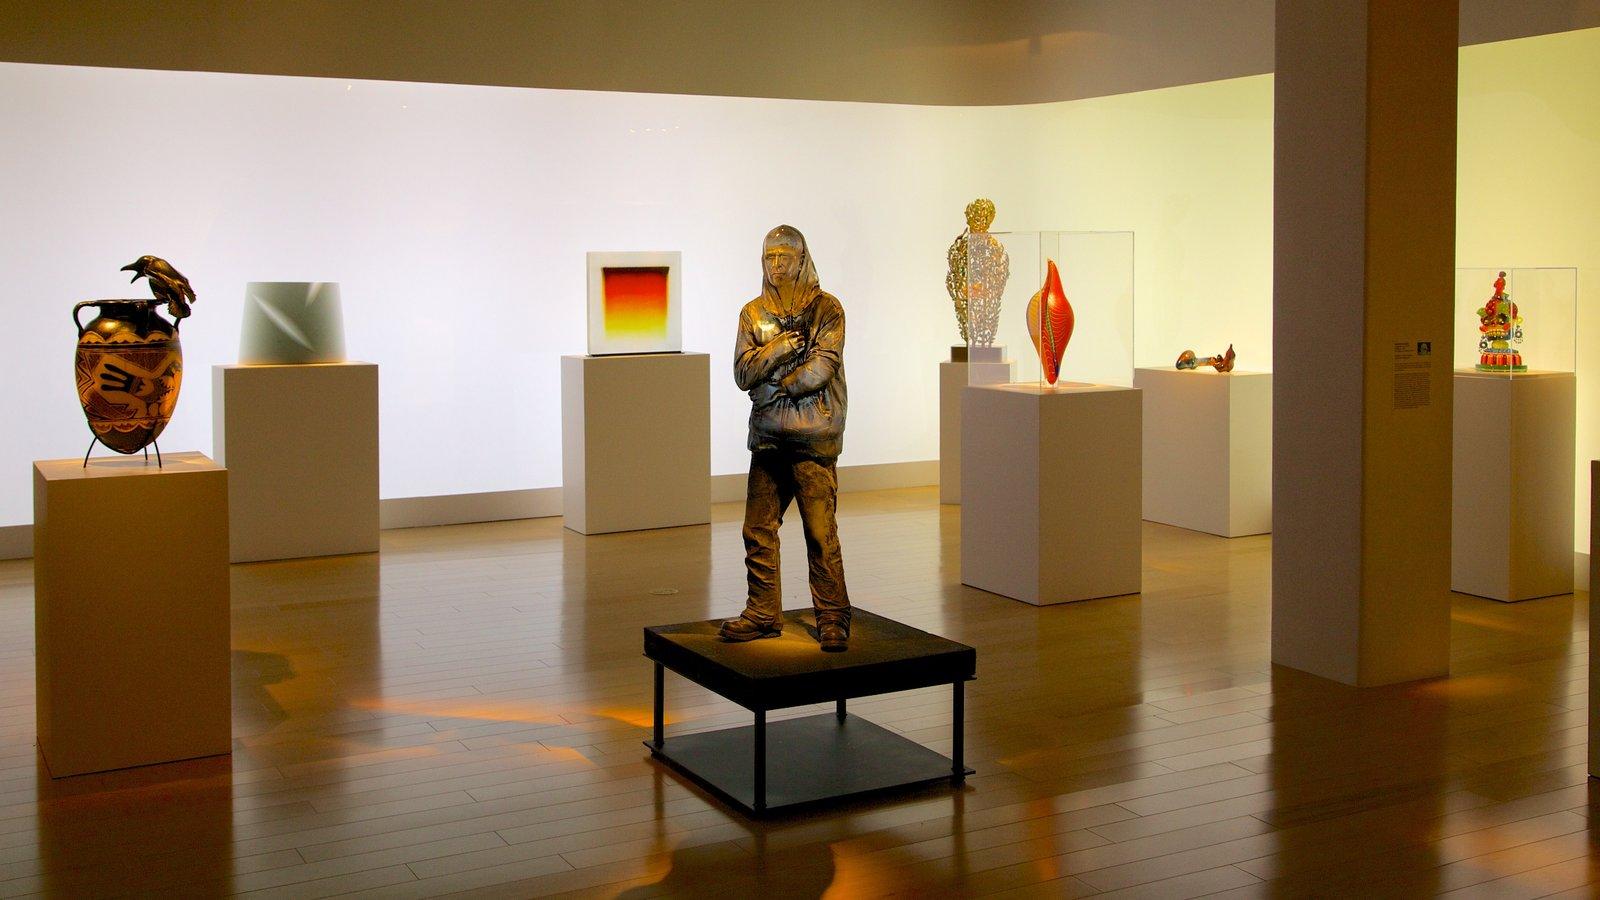 Palm Springs Art Museum mostrando arte, uma estátua ou escultura e vistas internas